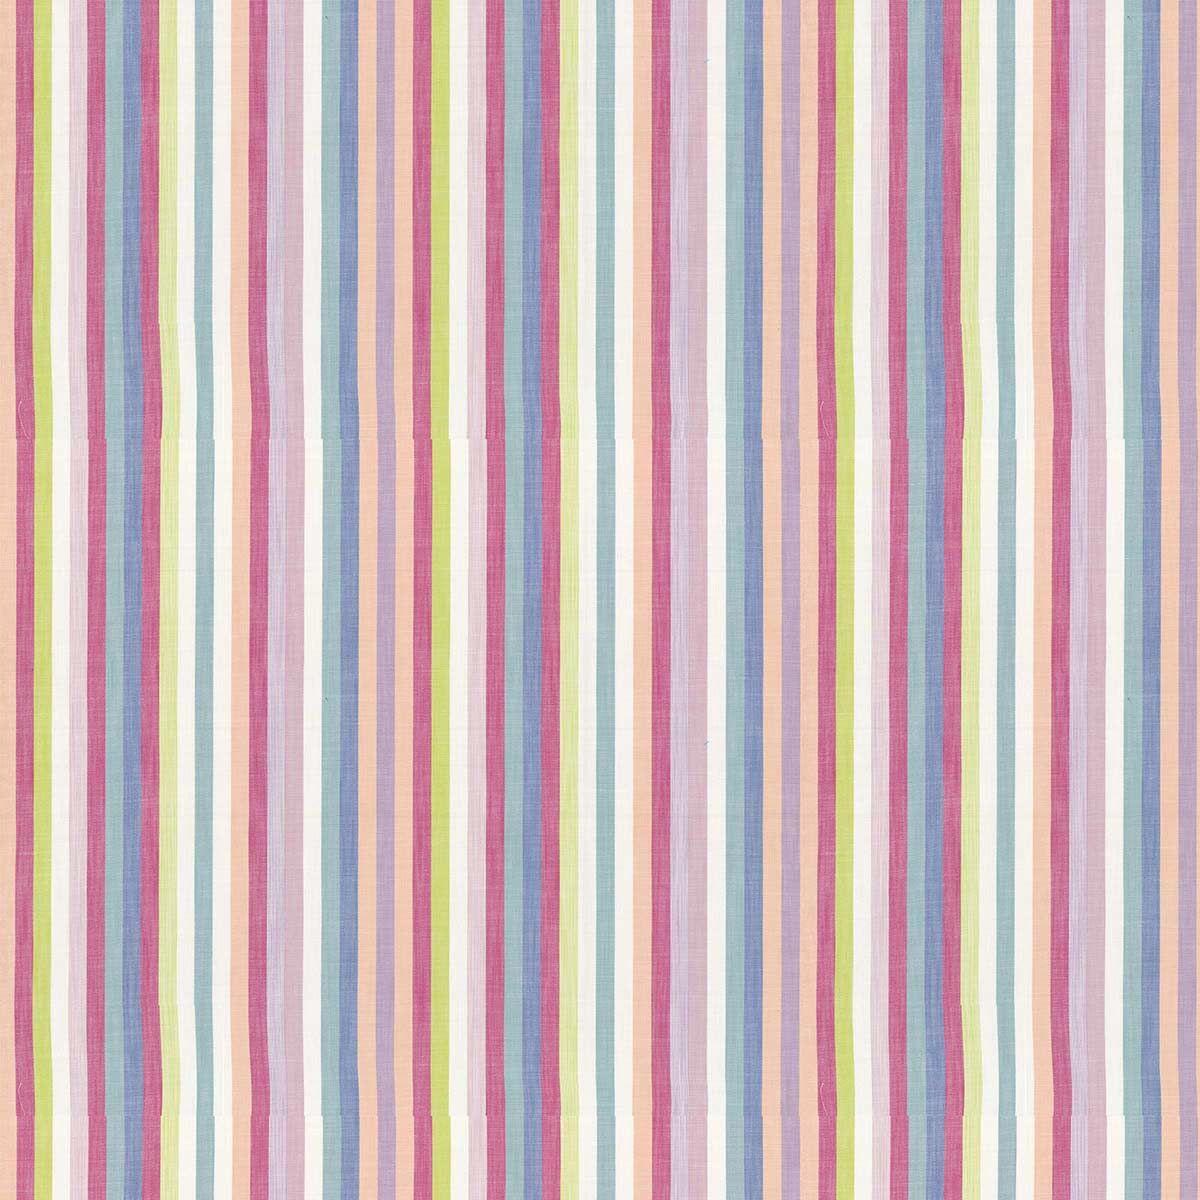 Skipping Fabric - Rainbow - by Prestigious